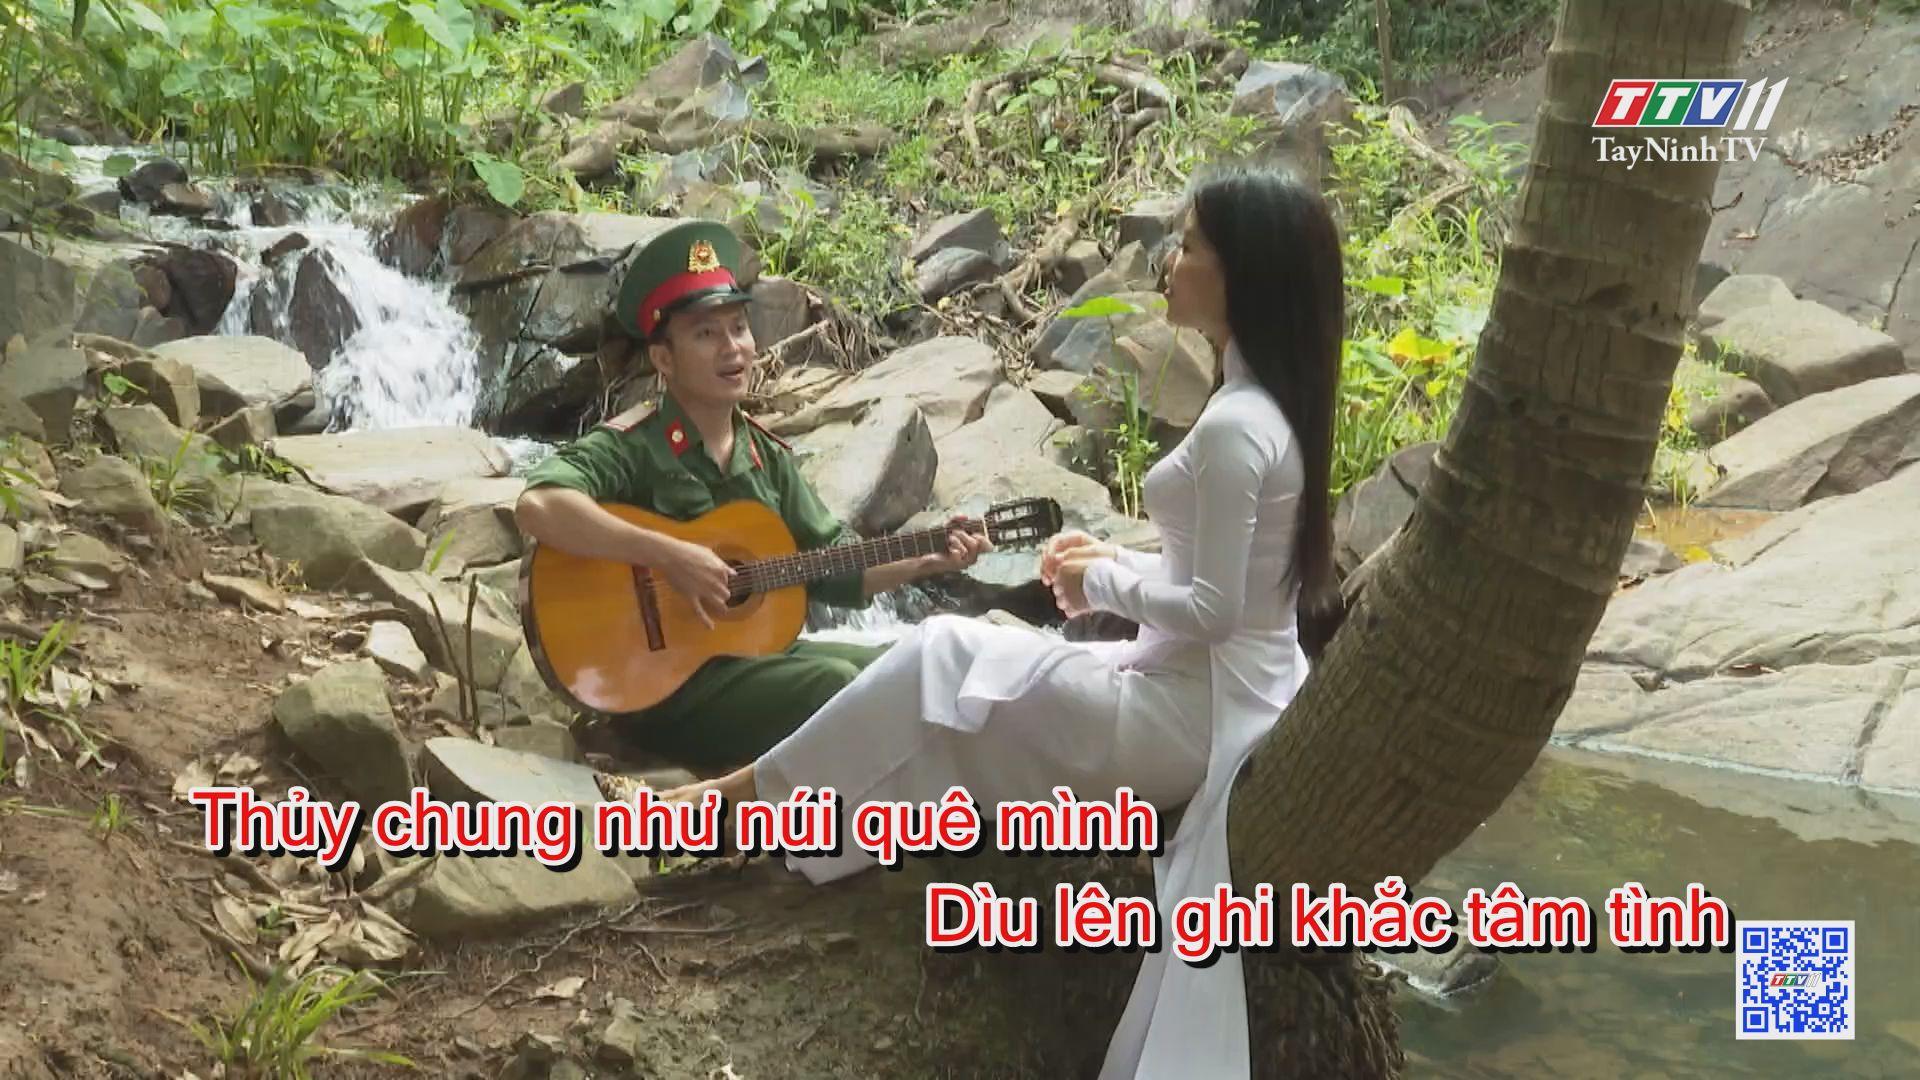 Lời của ca của đá KARAOKE | Tuyển tập karaoke Tây Ninh tình yêu trong tôi | TayNinhTV